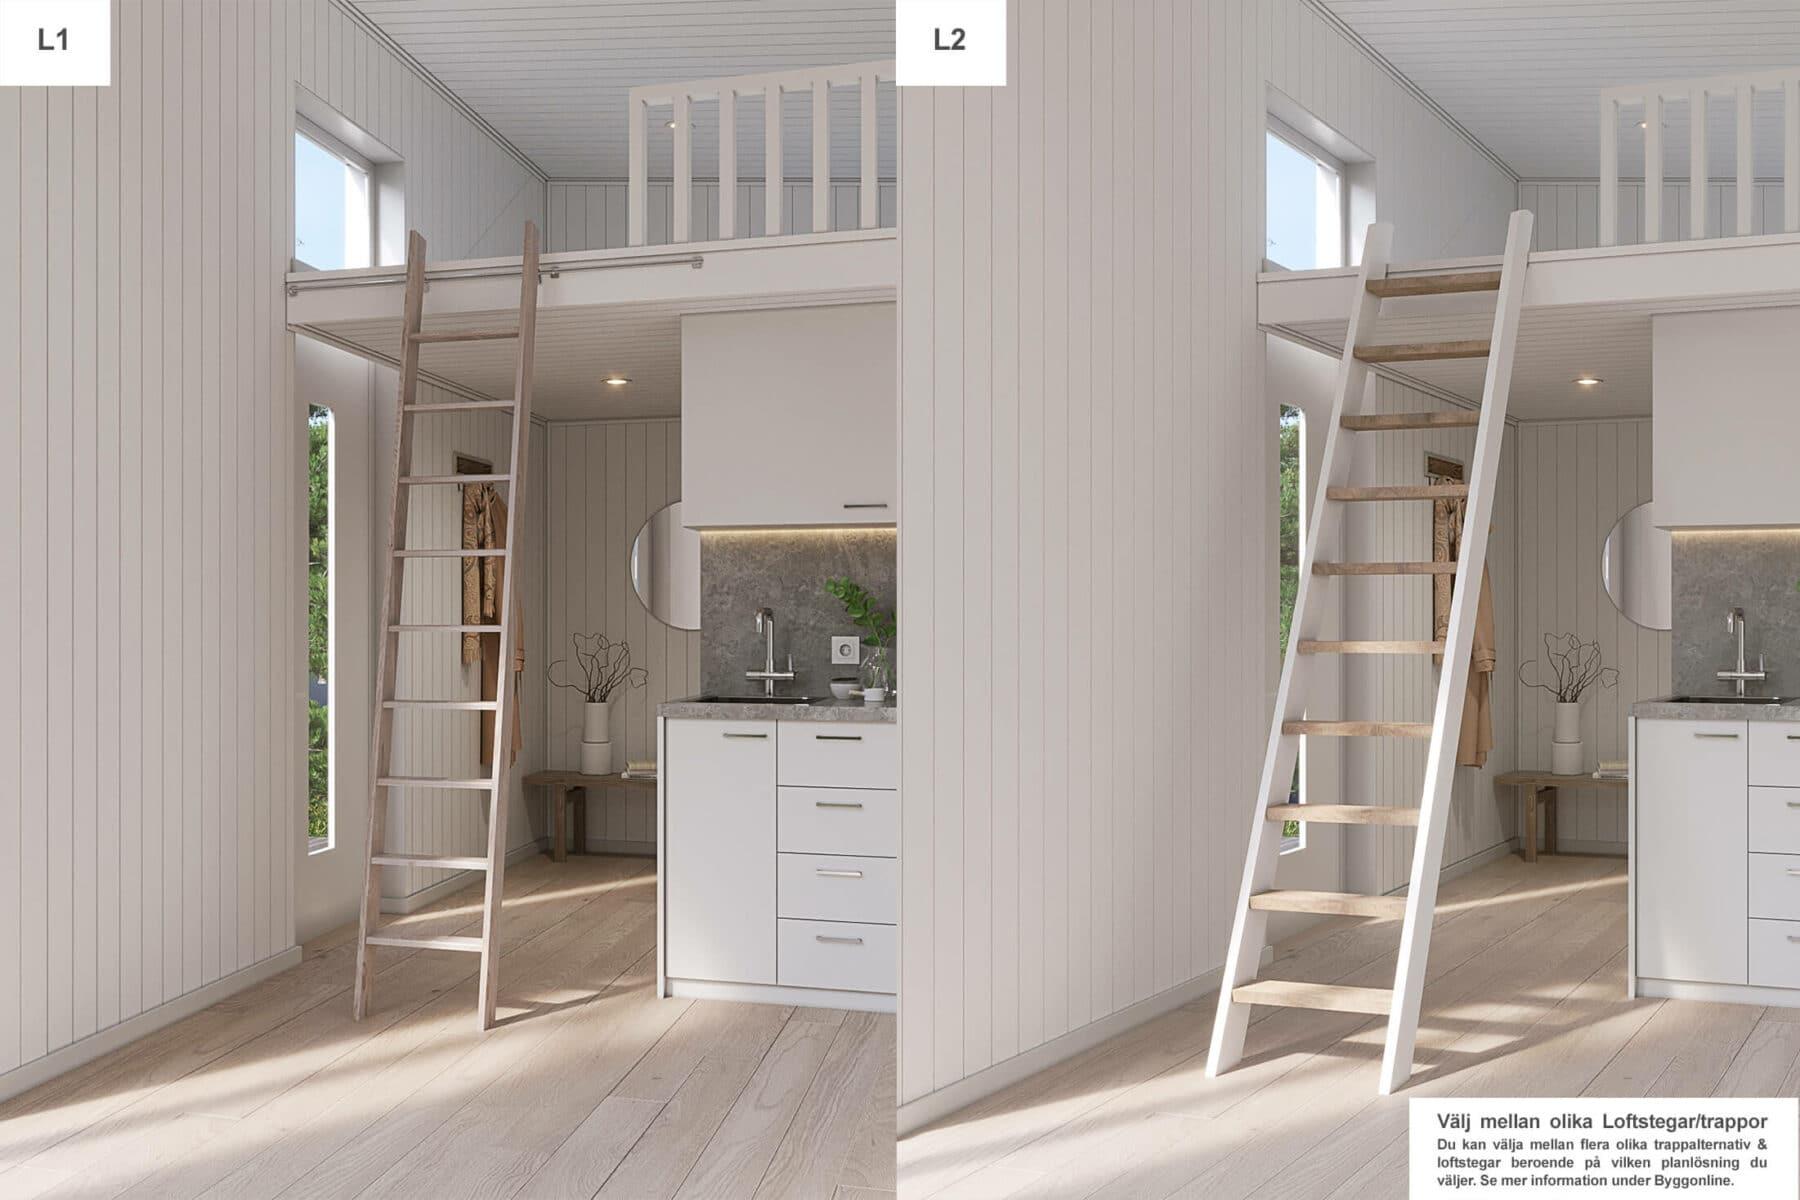 Loftstegar från 1-serien i nyckelfärdiga attefallshus från Husverket